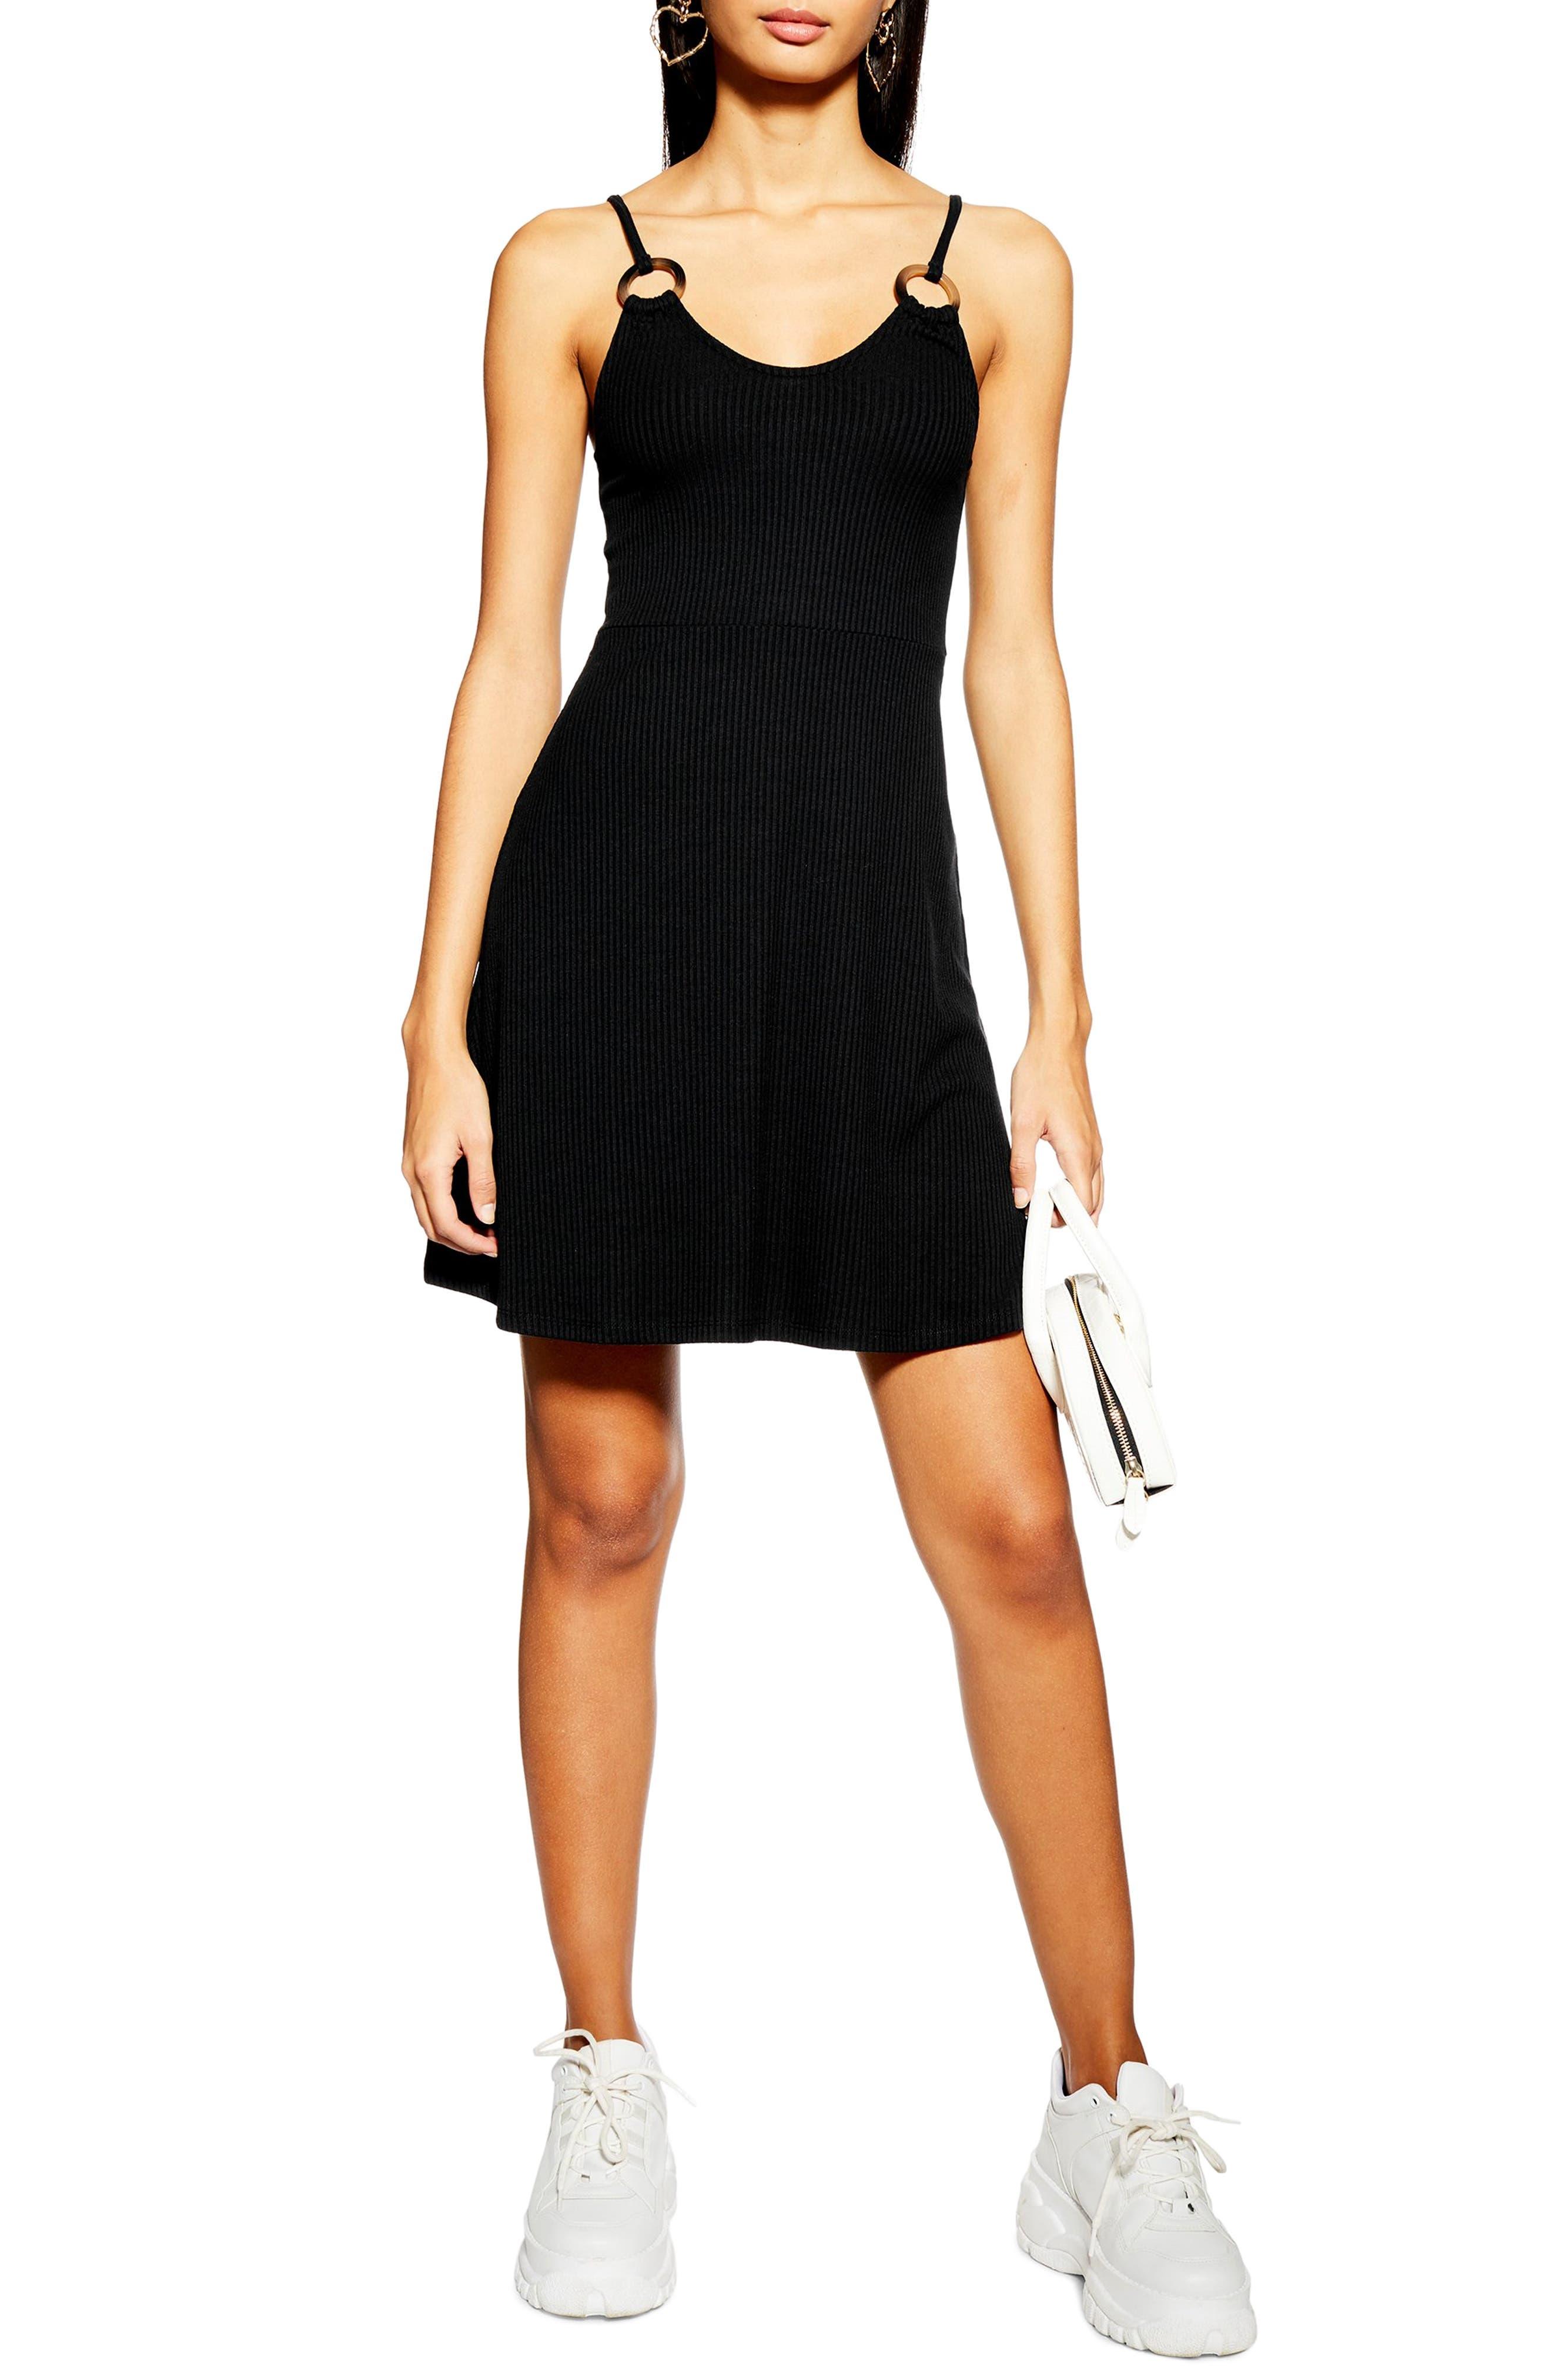 Topshop Rib Knit Dress, US (fits like 0-2) - Black